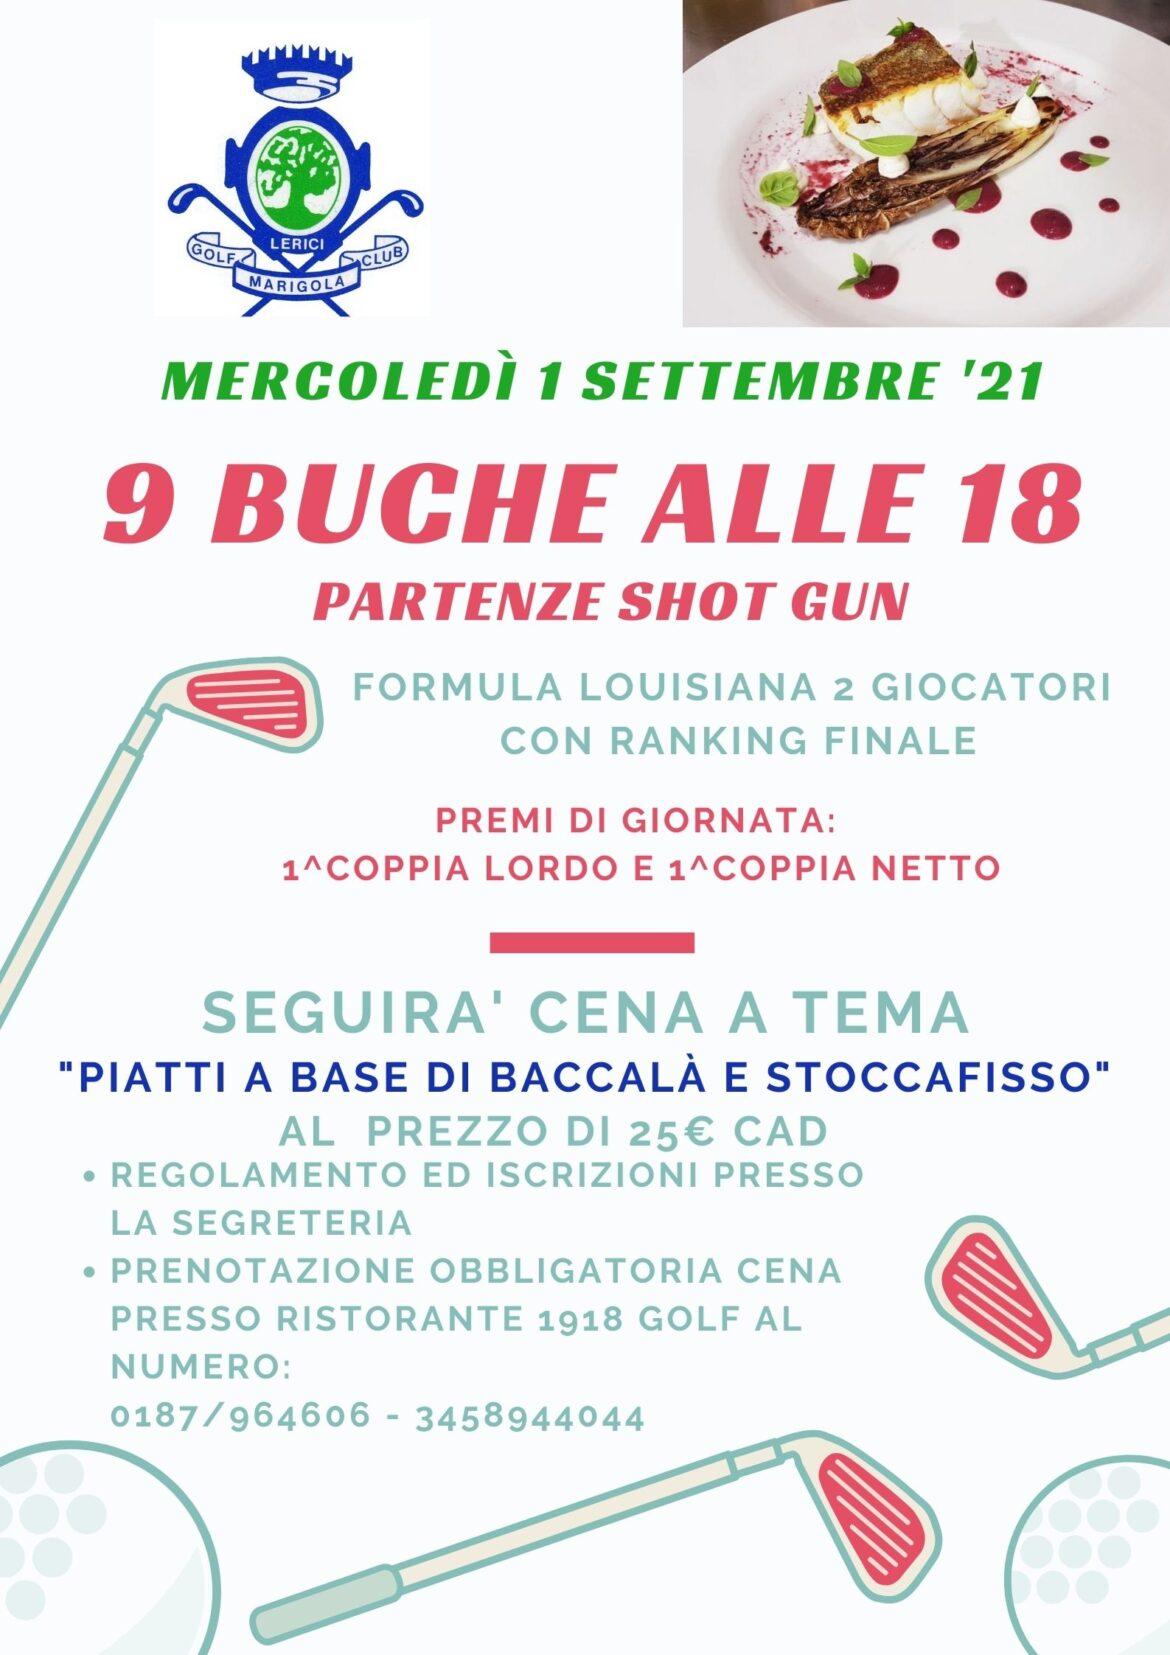 9 BUCHE ALLE 18 – SHOT GUN mercoledì 1 settembre